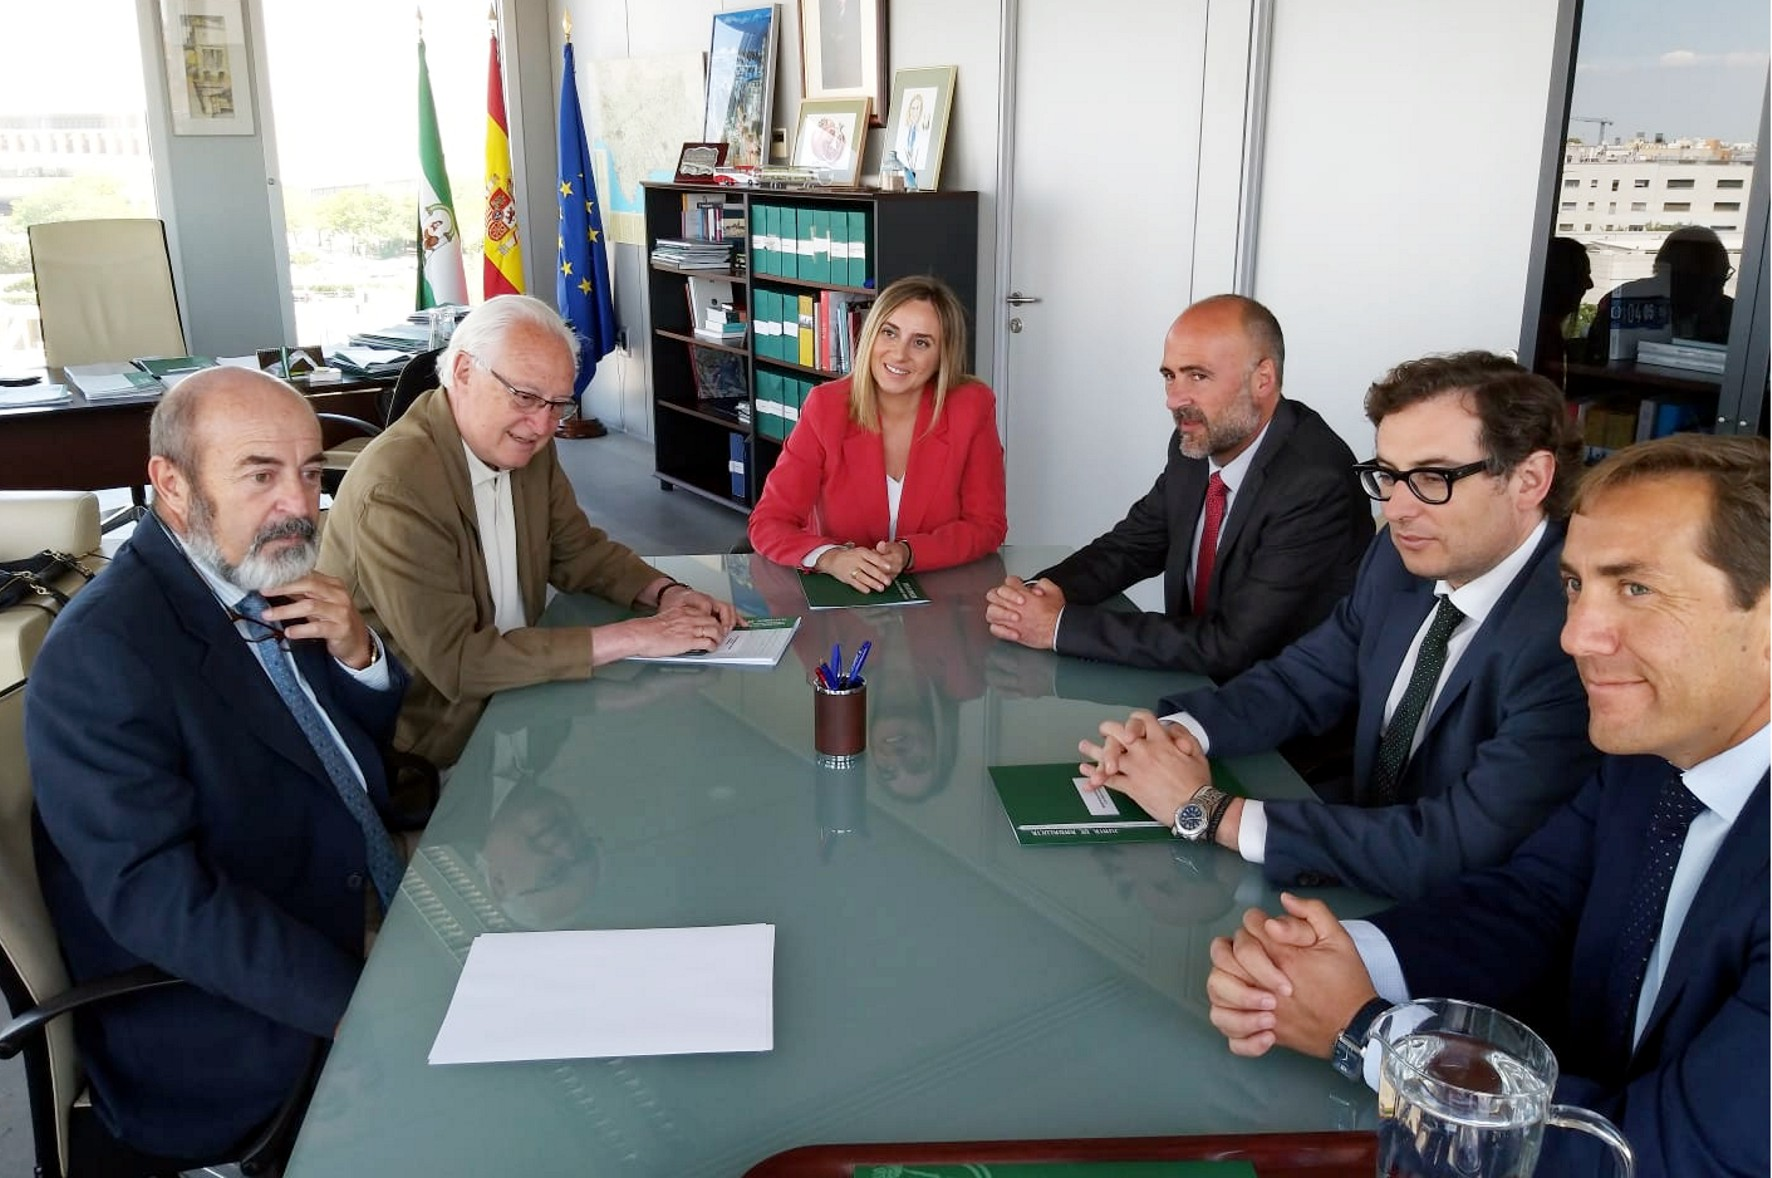 Reunión de la Consejería de Fomento con los responsables de AVANZA.